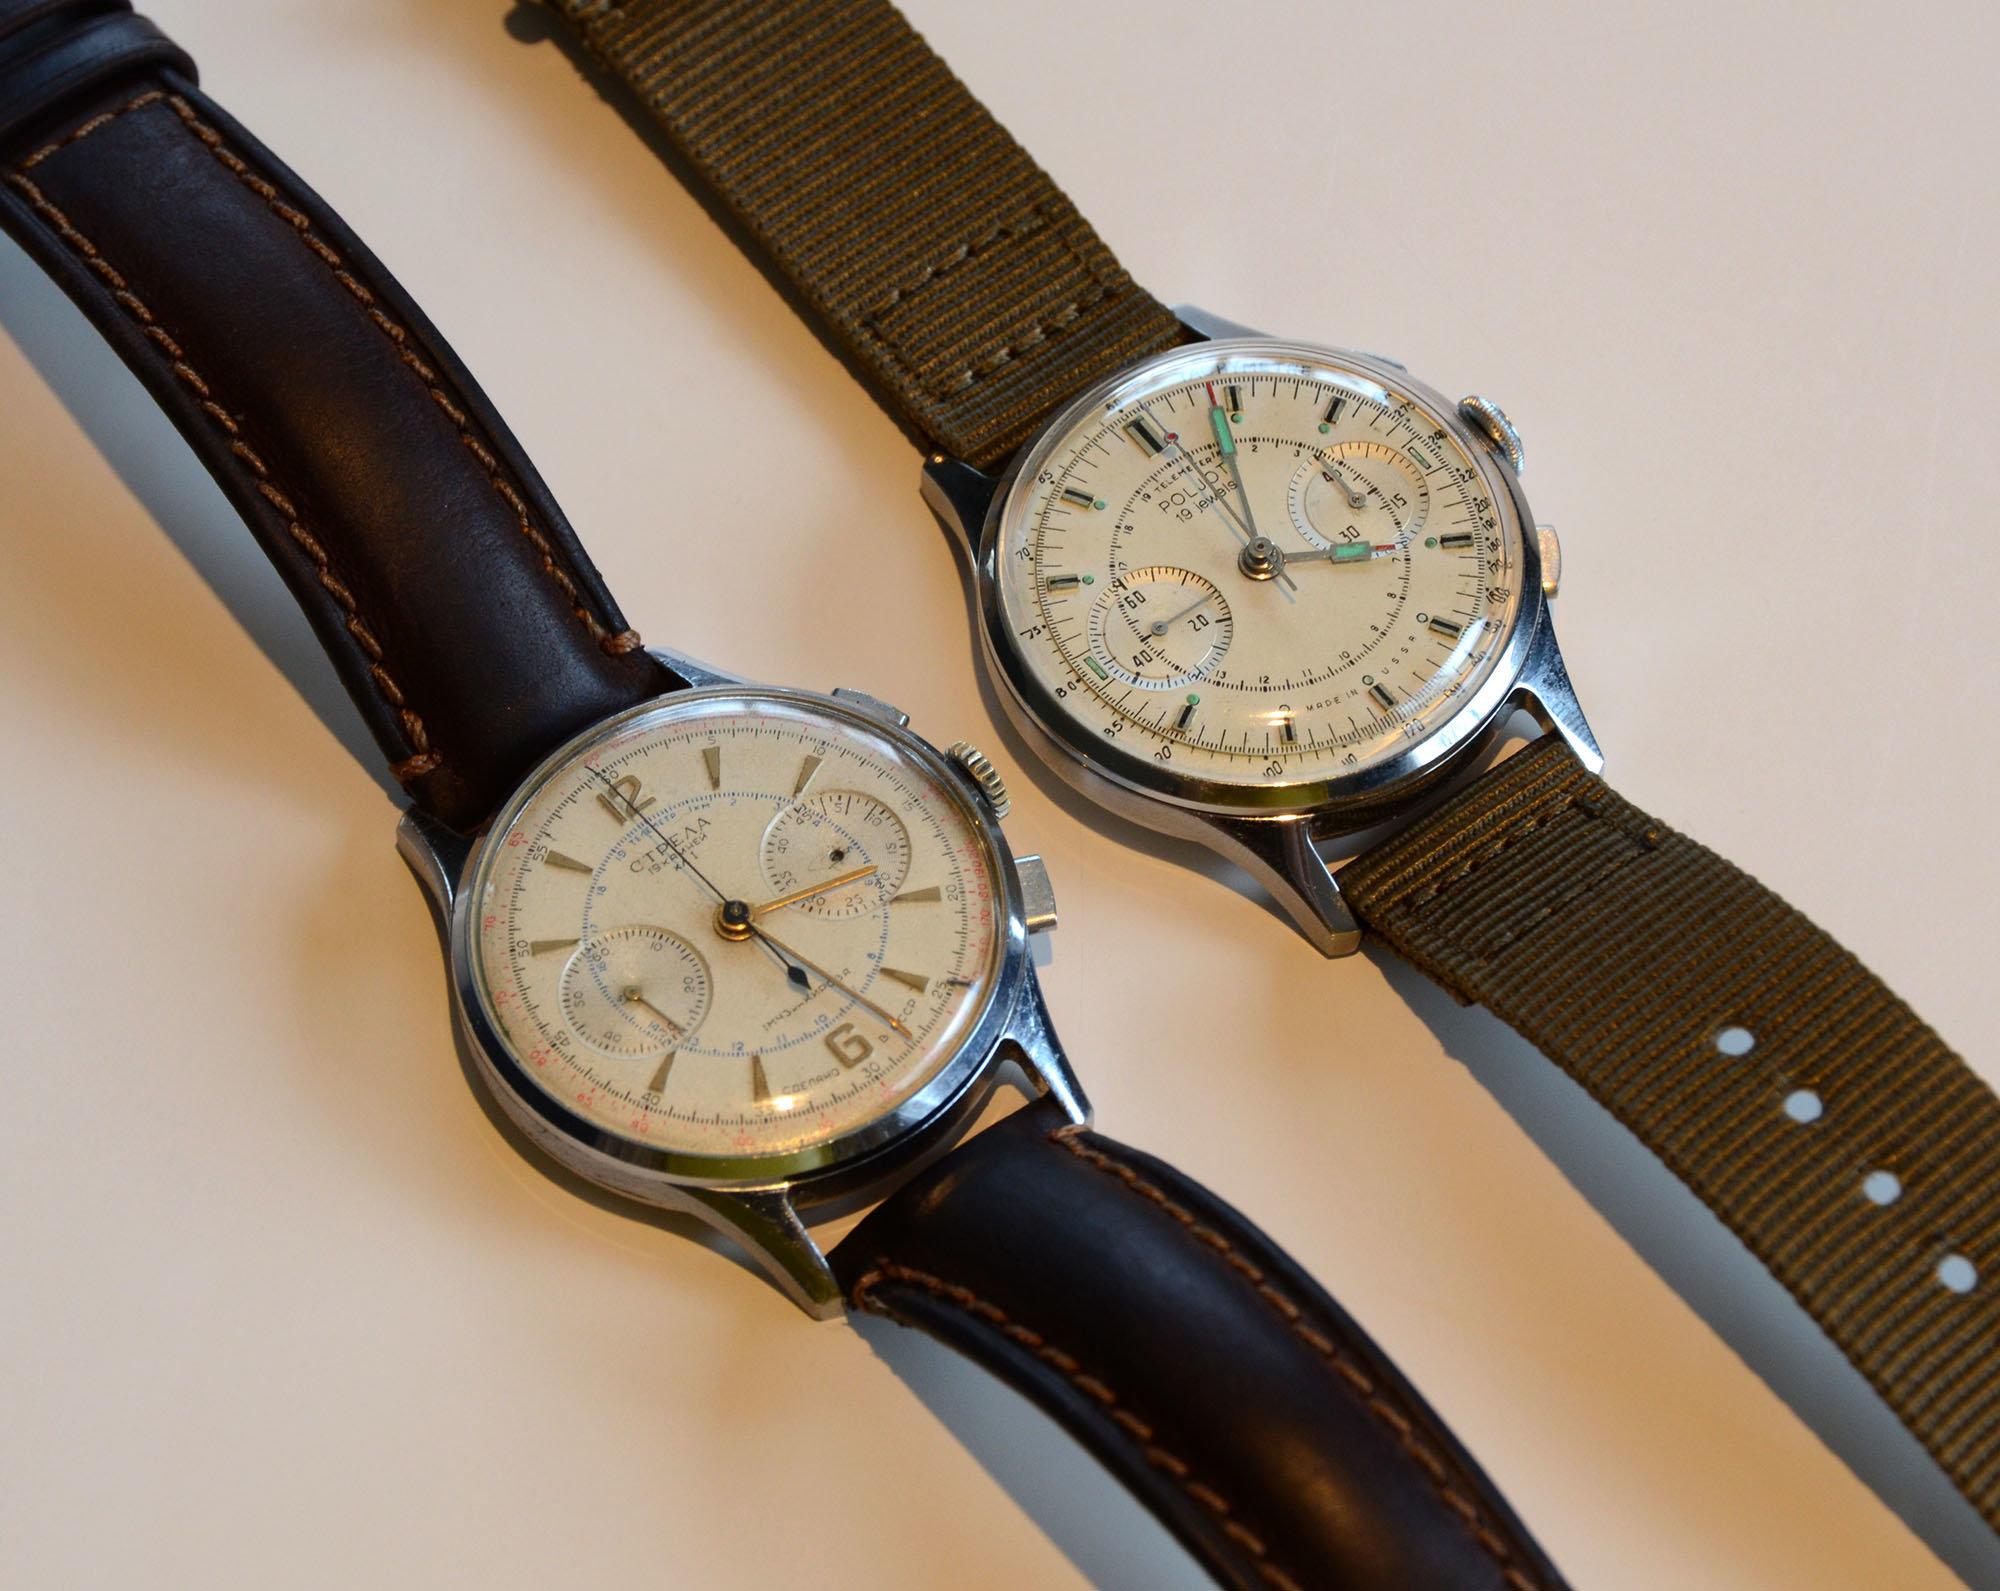 La montre russe du jour  - Page 20 1577613120-dsc-0041